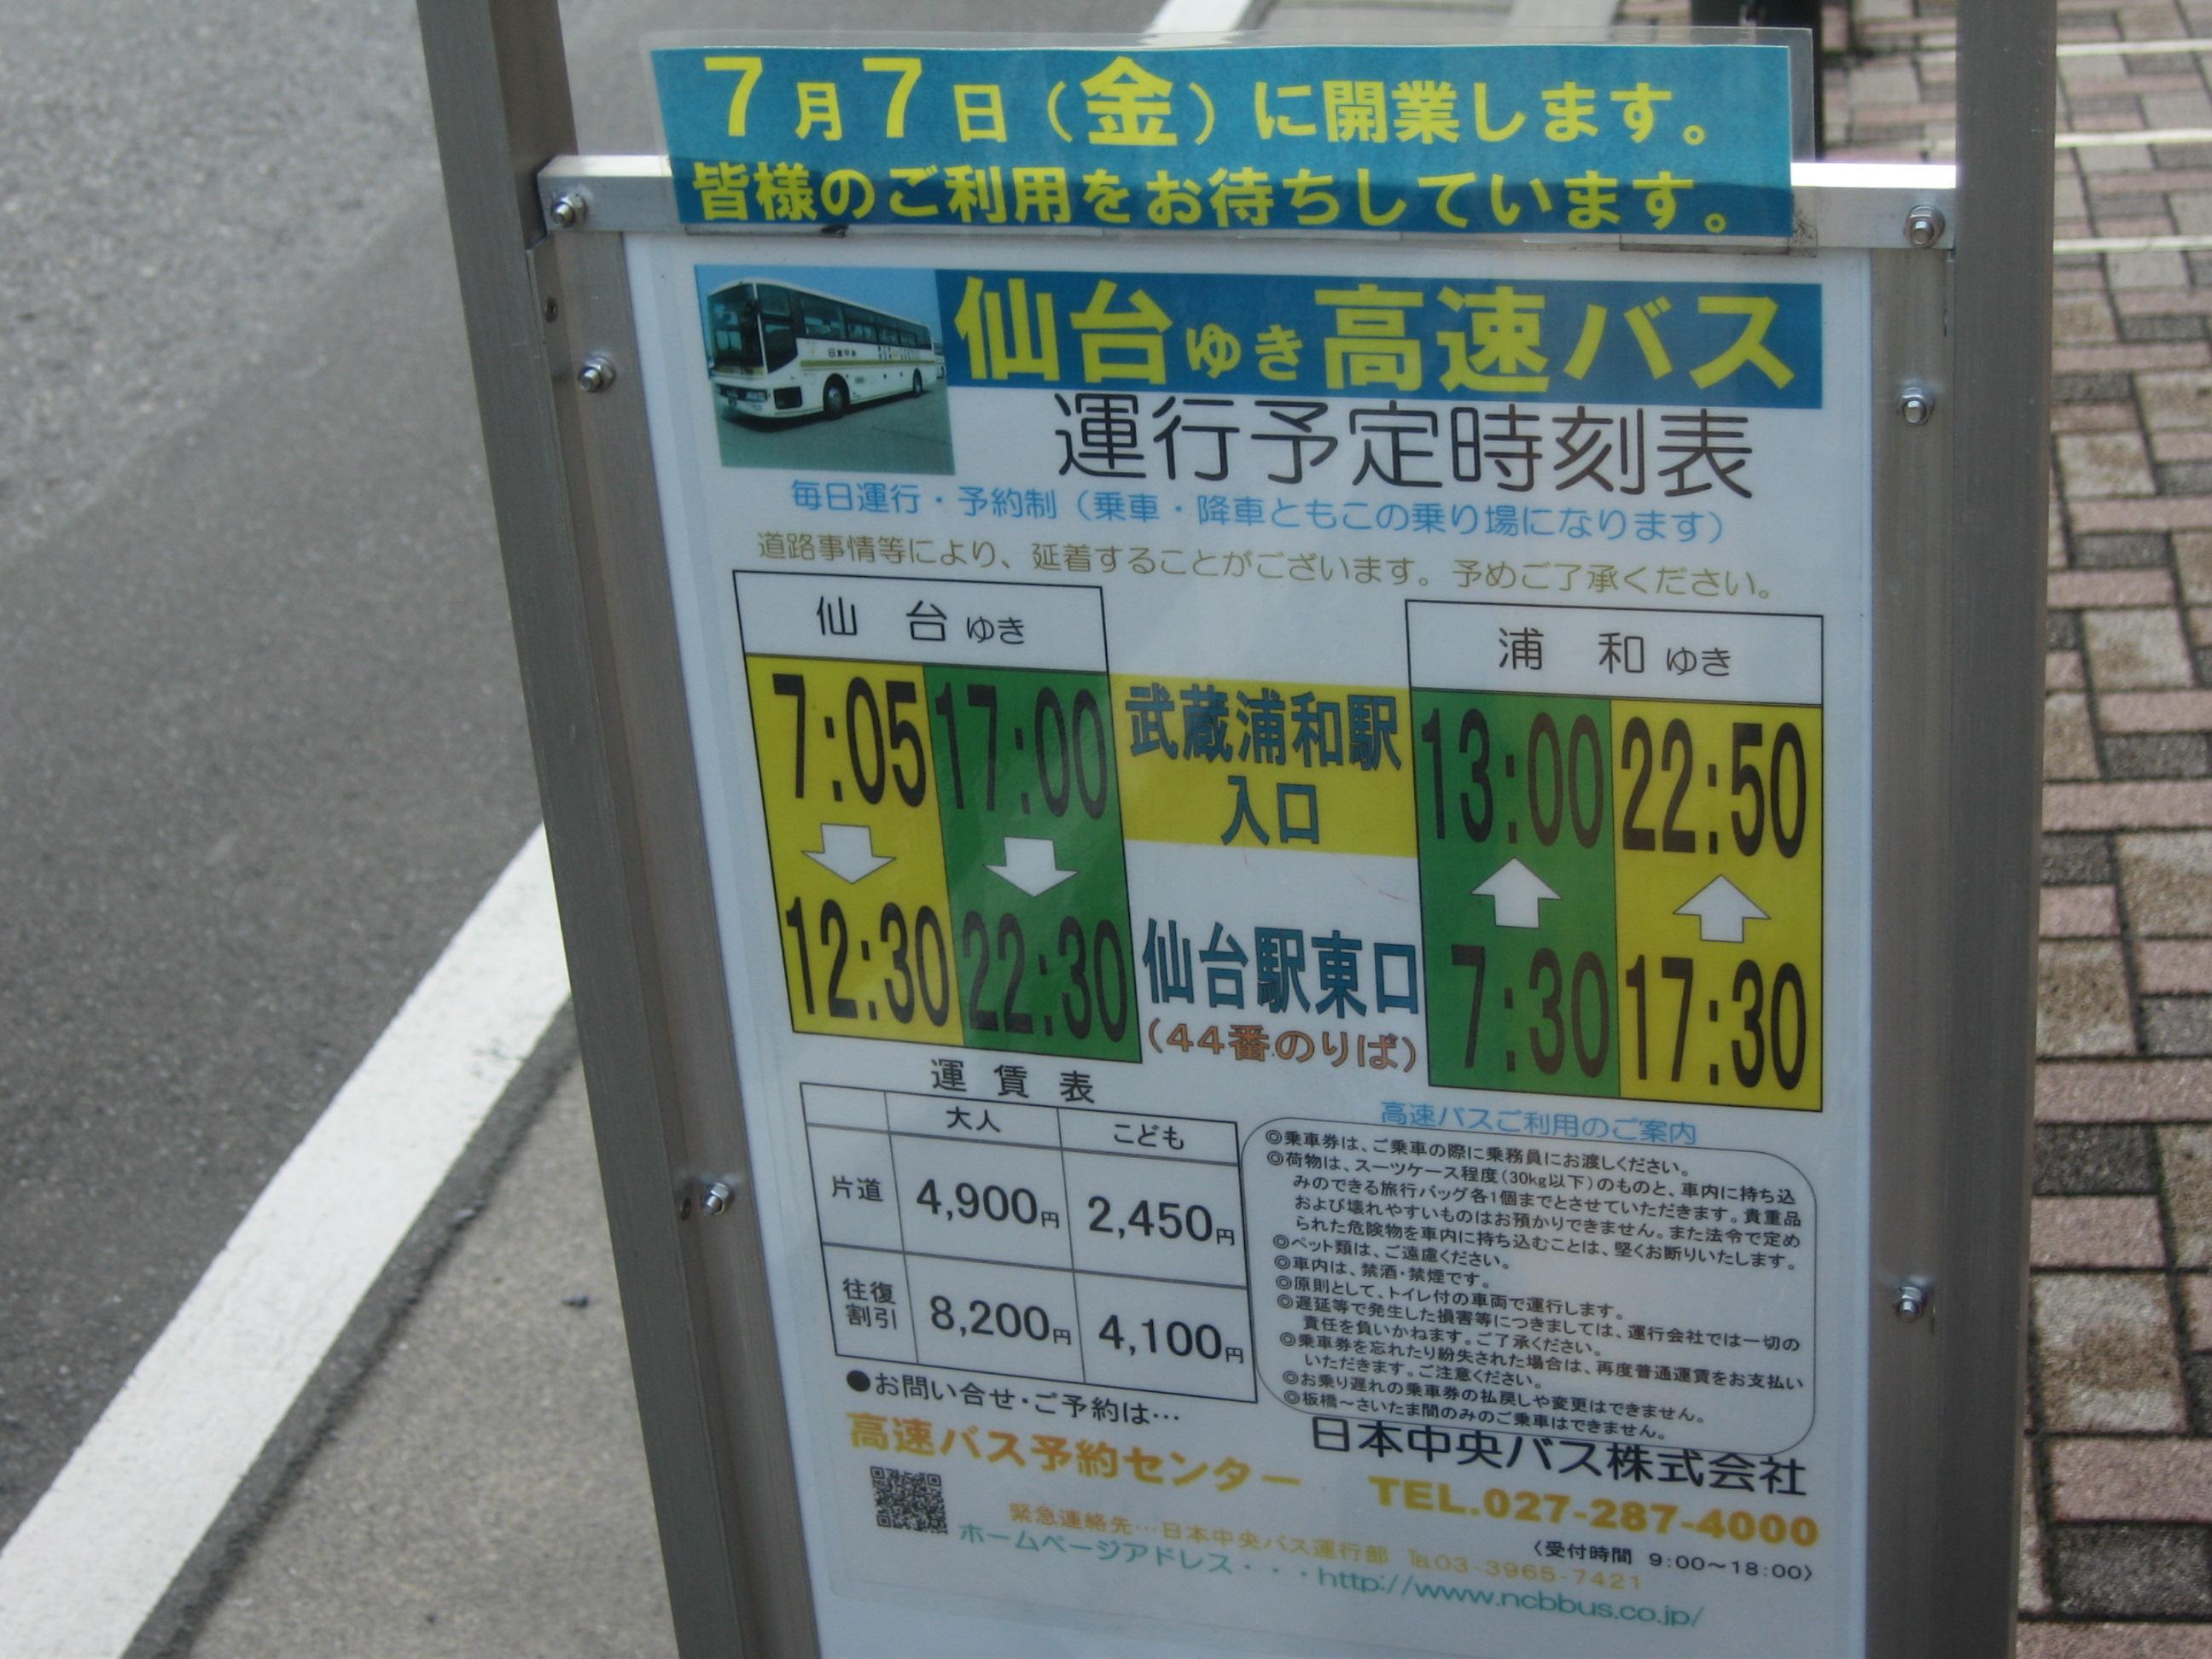 高速バス時間表